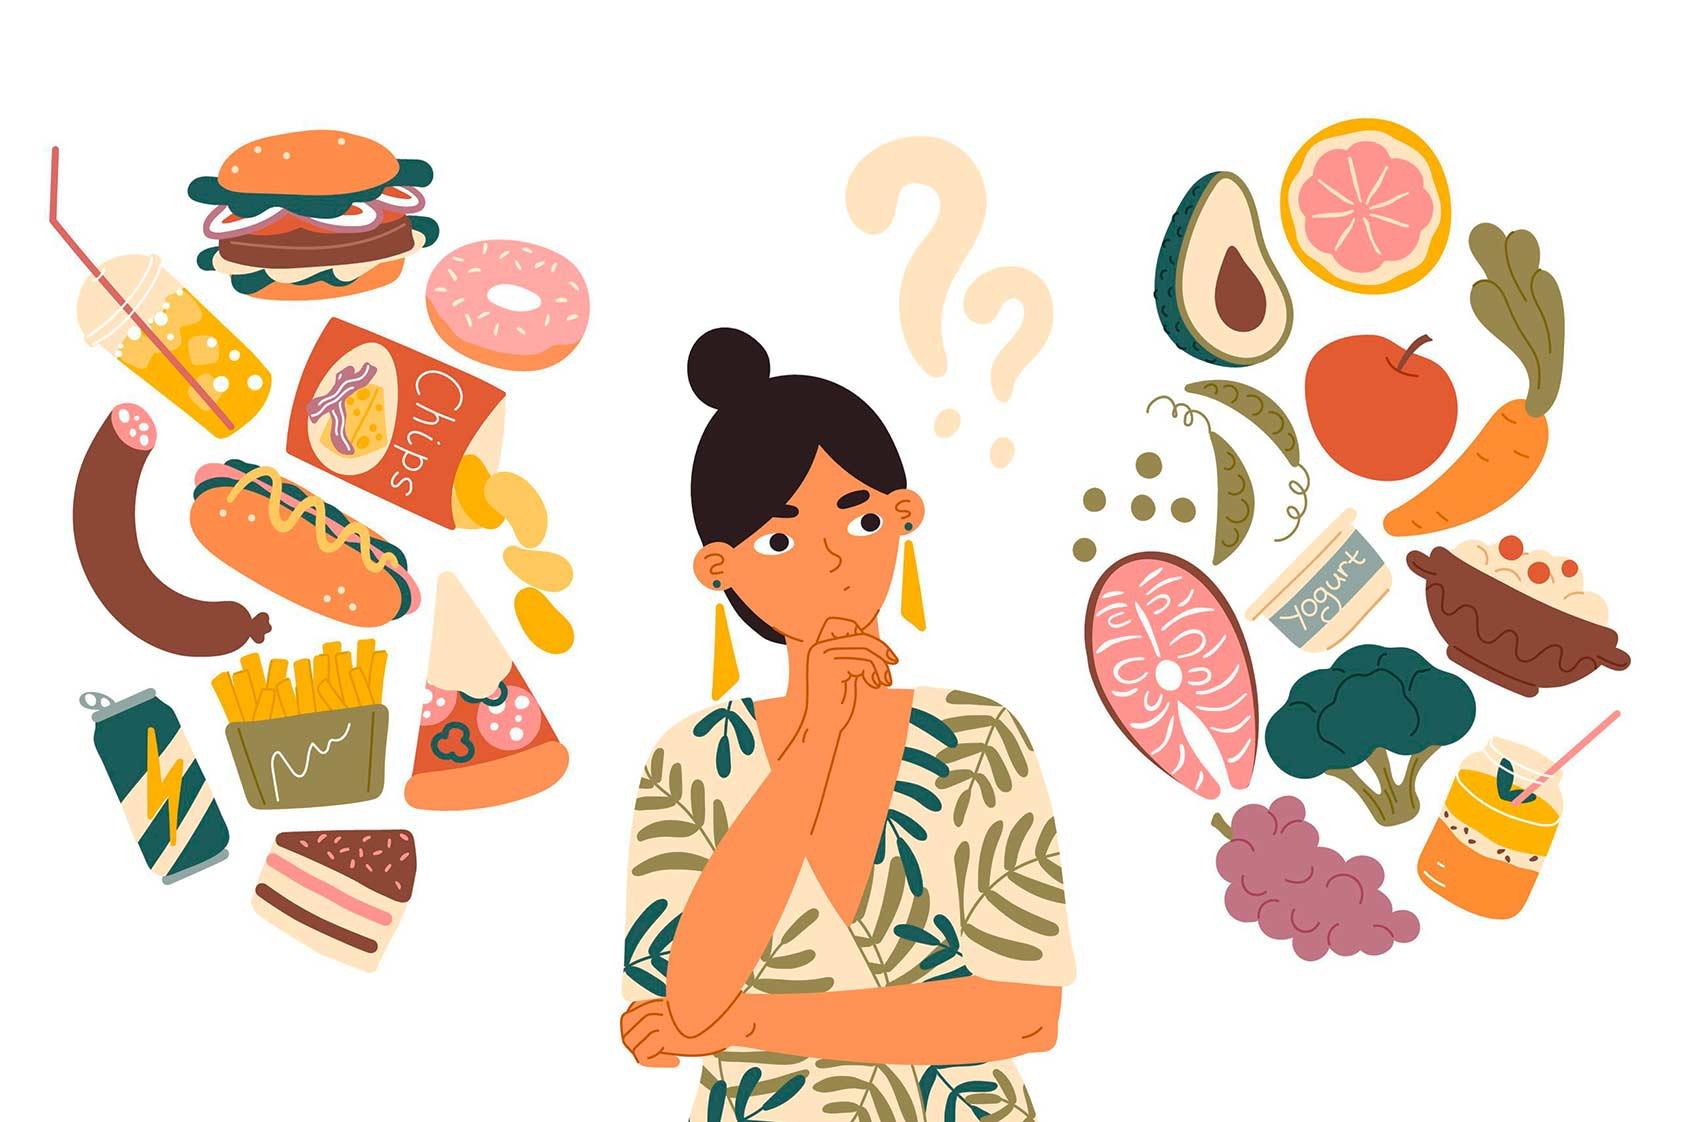 Alimentación emocional: ¿Comes por hambre o es un reflejo de tus emociones?